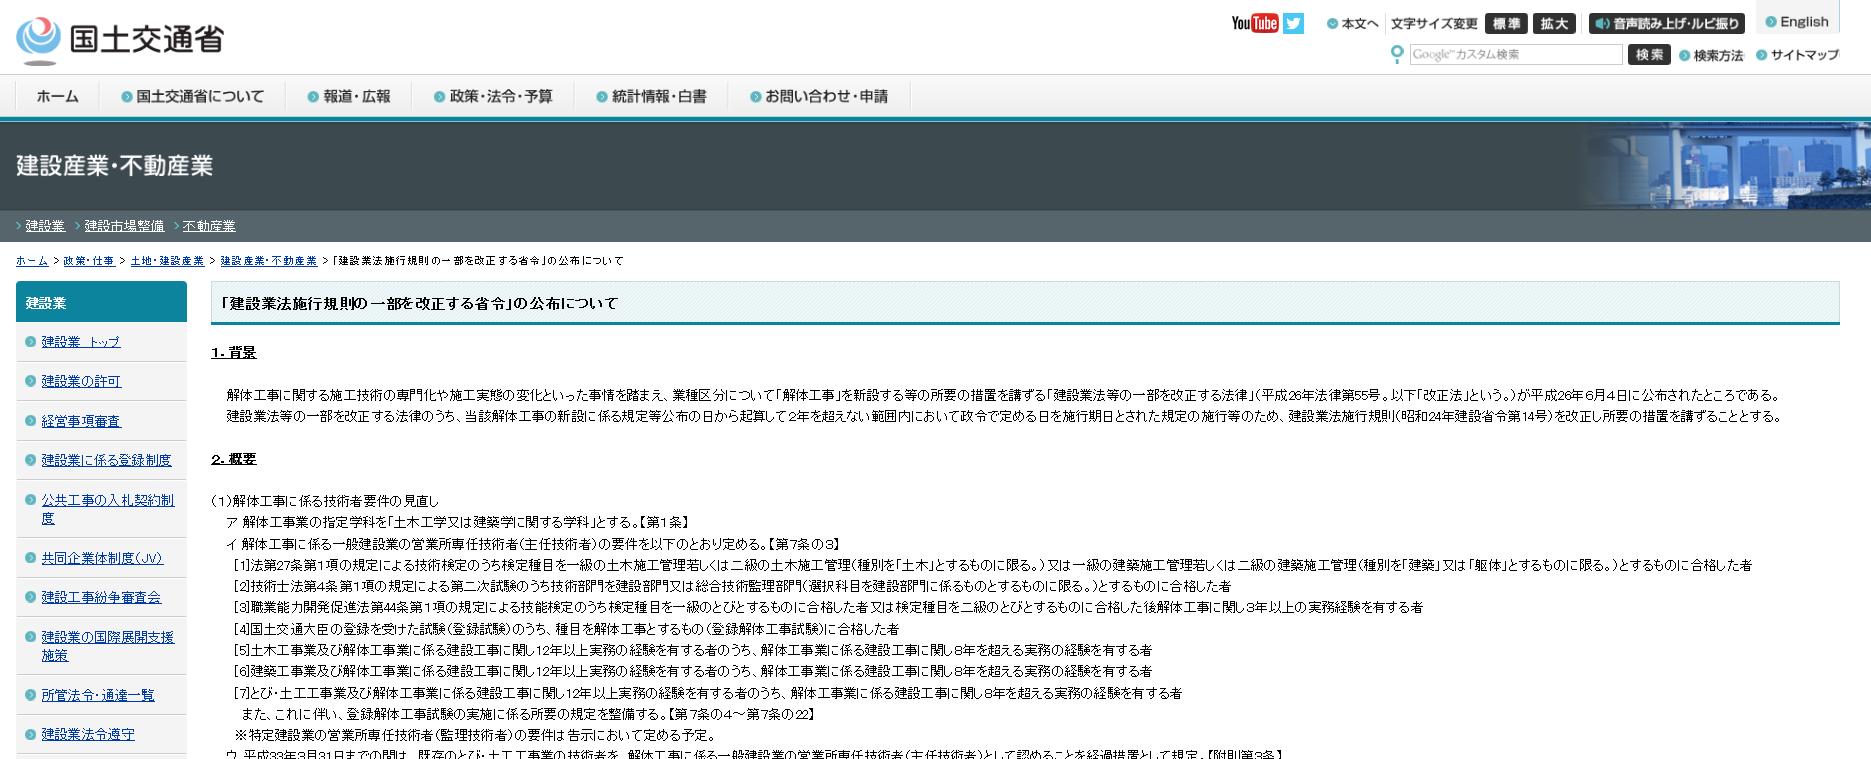 許可 建設 検索 業